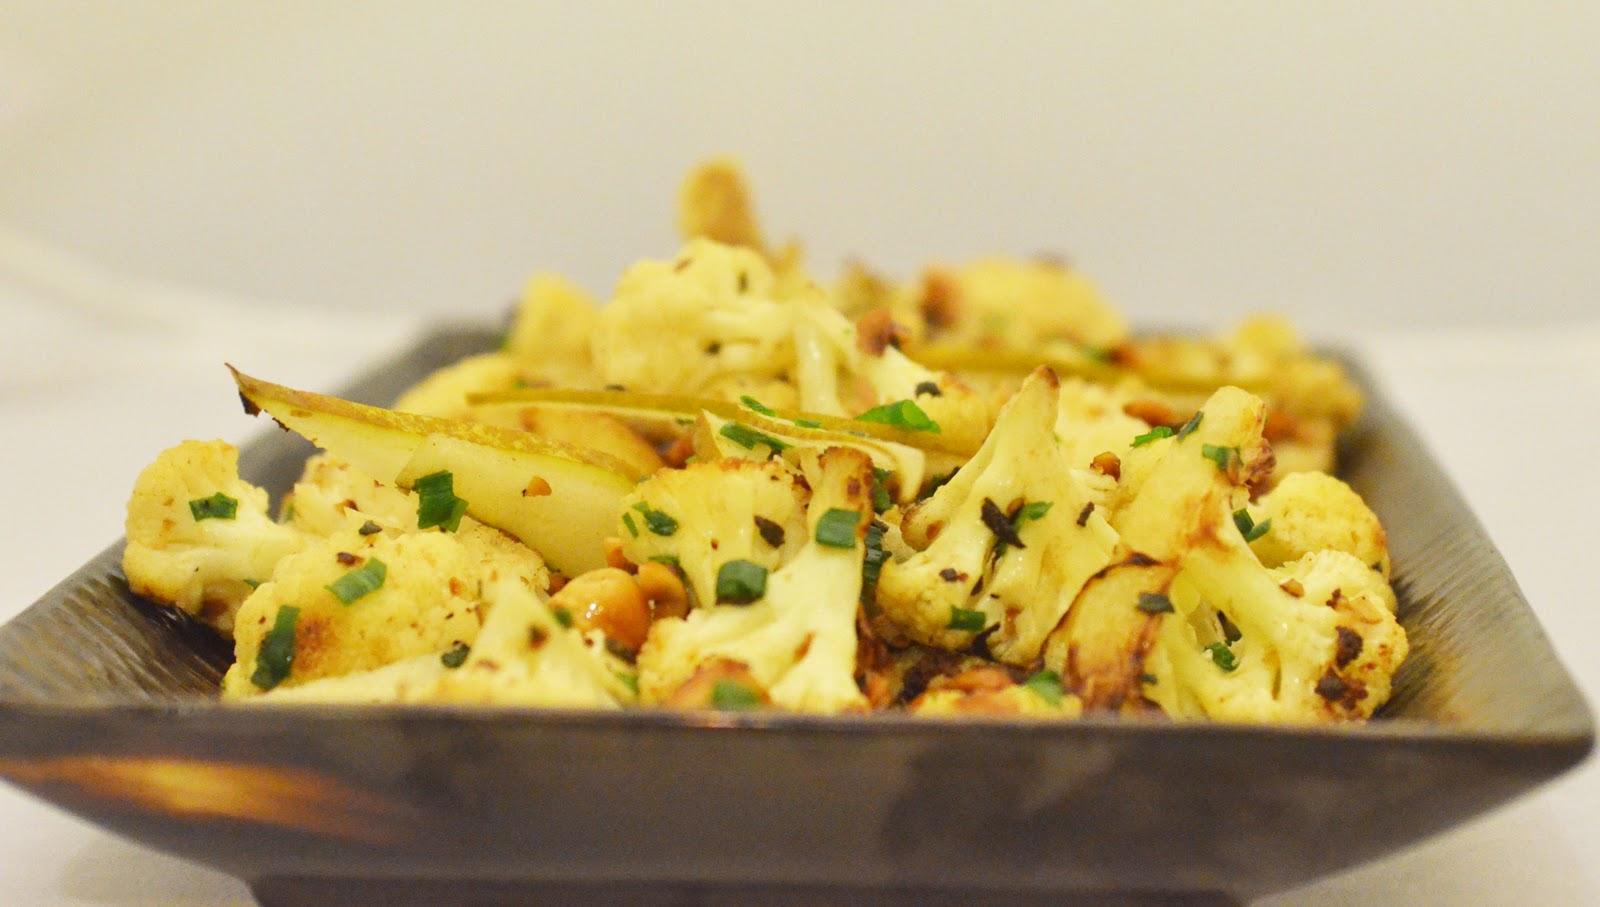 ... Blue Kitchen: Cauliflower with Brown Butter, Pears, Sage & Hazelnuts